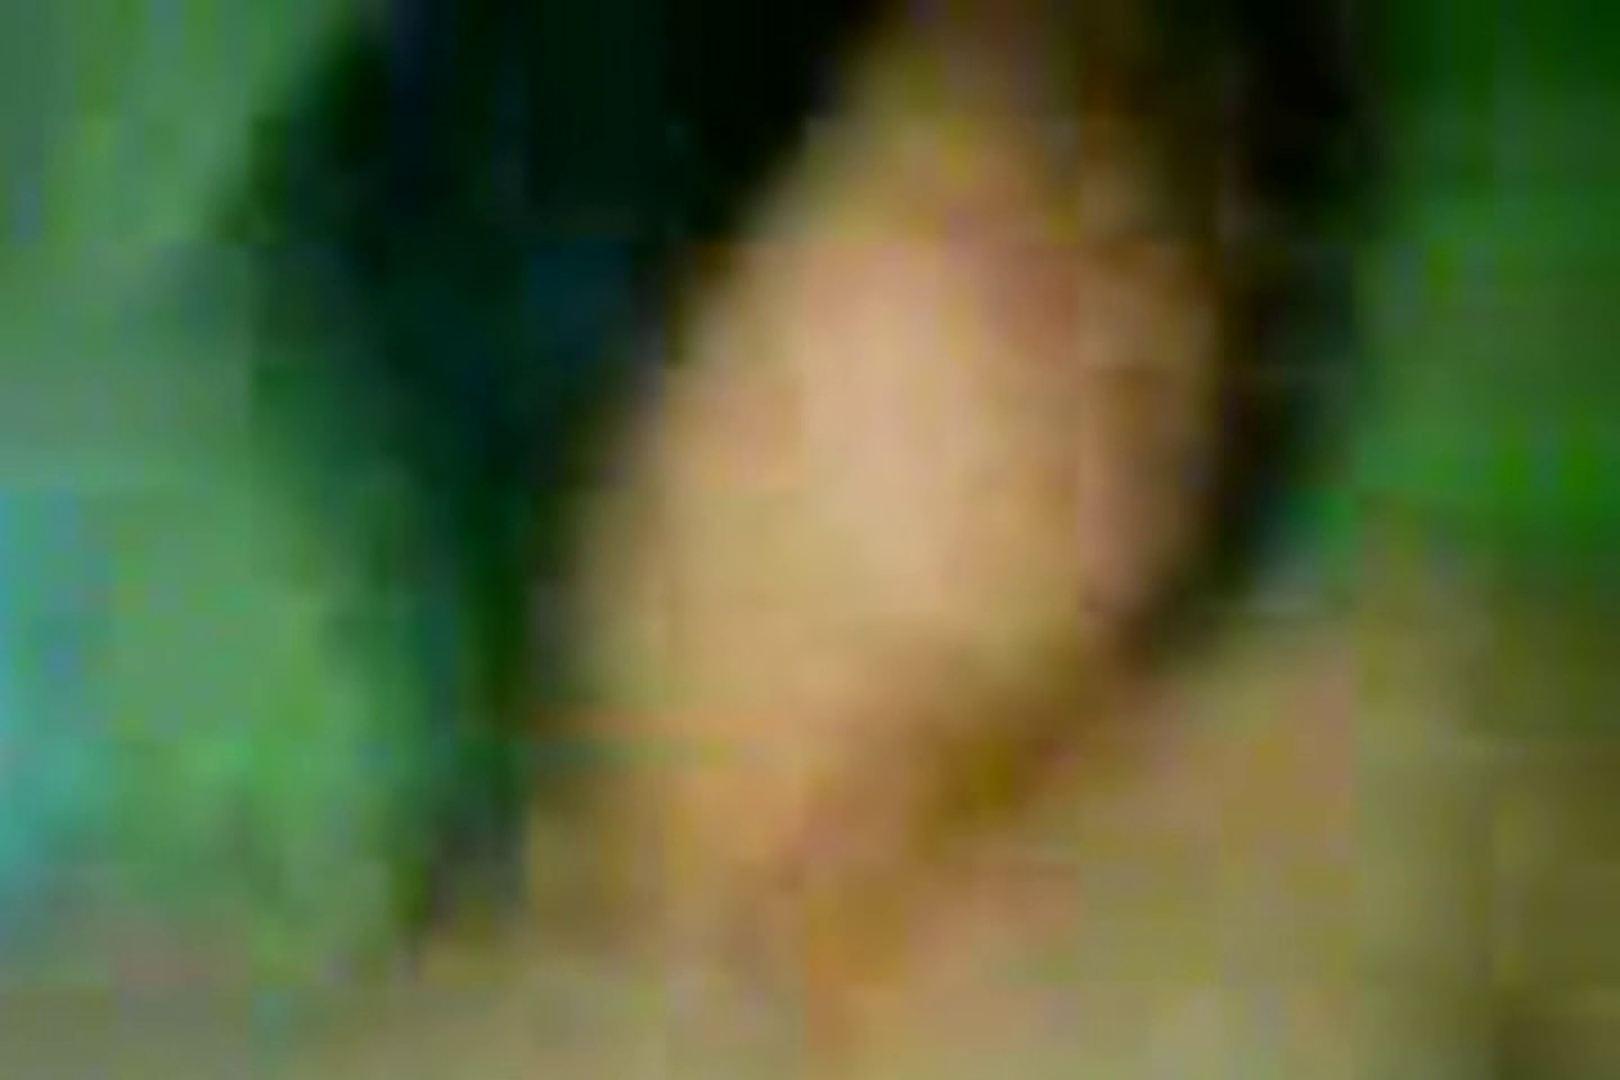 ウイルス流出 串田良祐と小学校教諭のハメ撮りアルバム 流出作品 | 学校  74pic 45